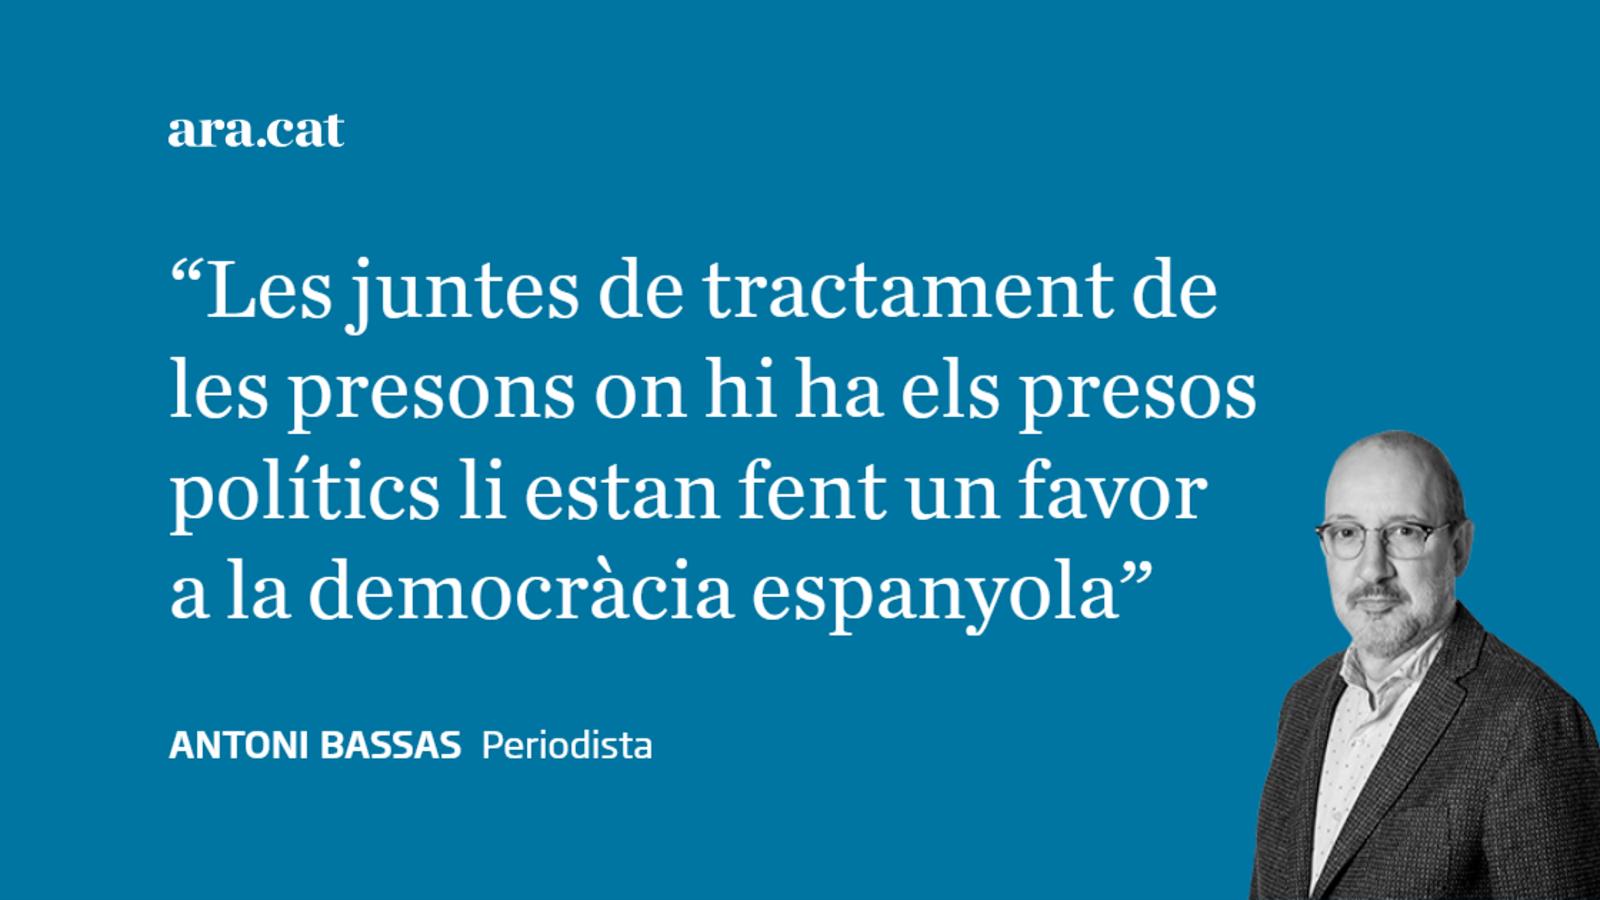 Beneficis penitenciaris per a Espanya